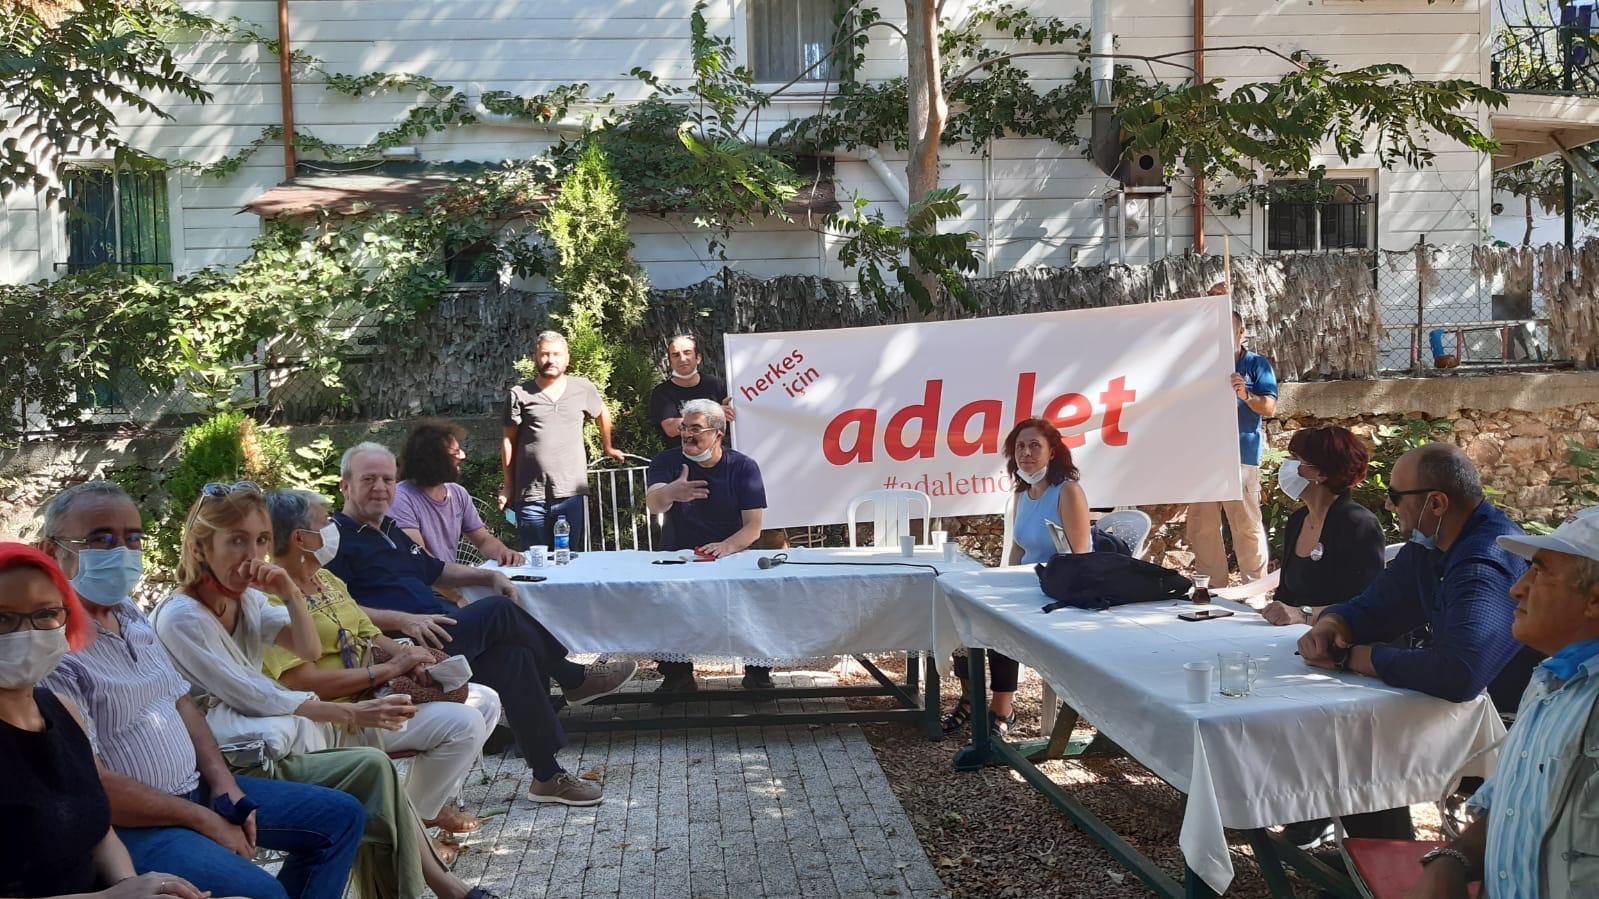 #AdaletNöbeti Heybeliada Sanatoryumu tartışmalarına sessiz kalmadı